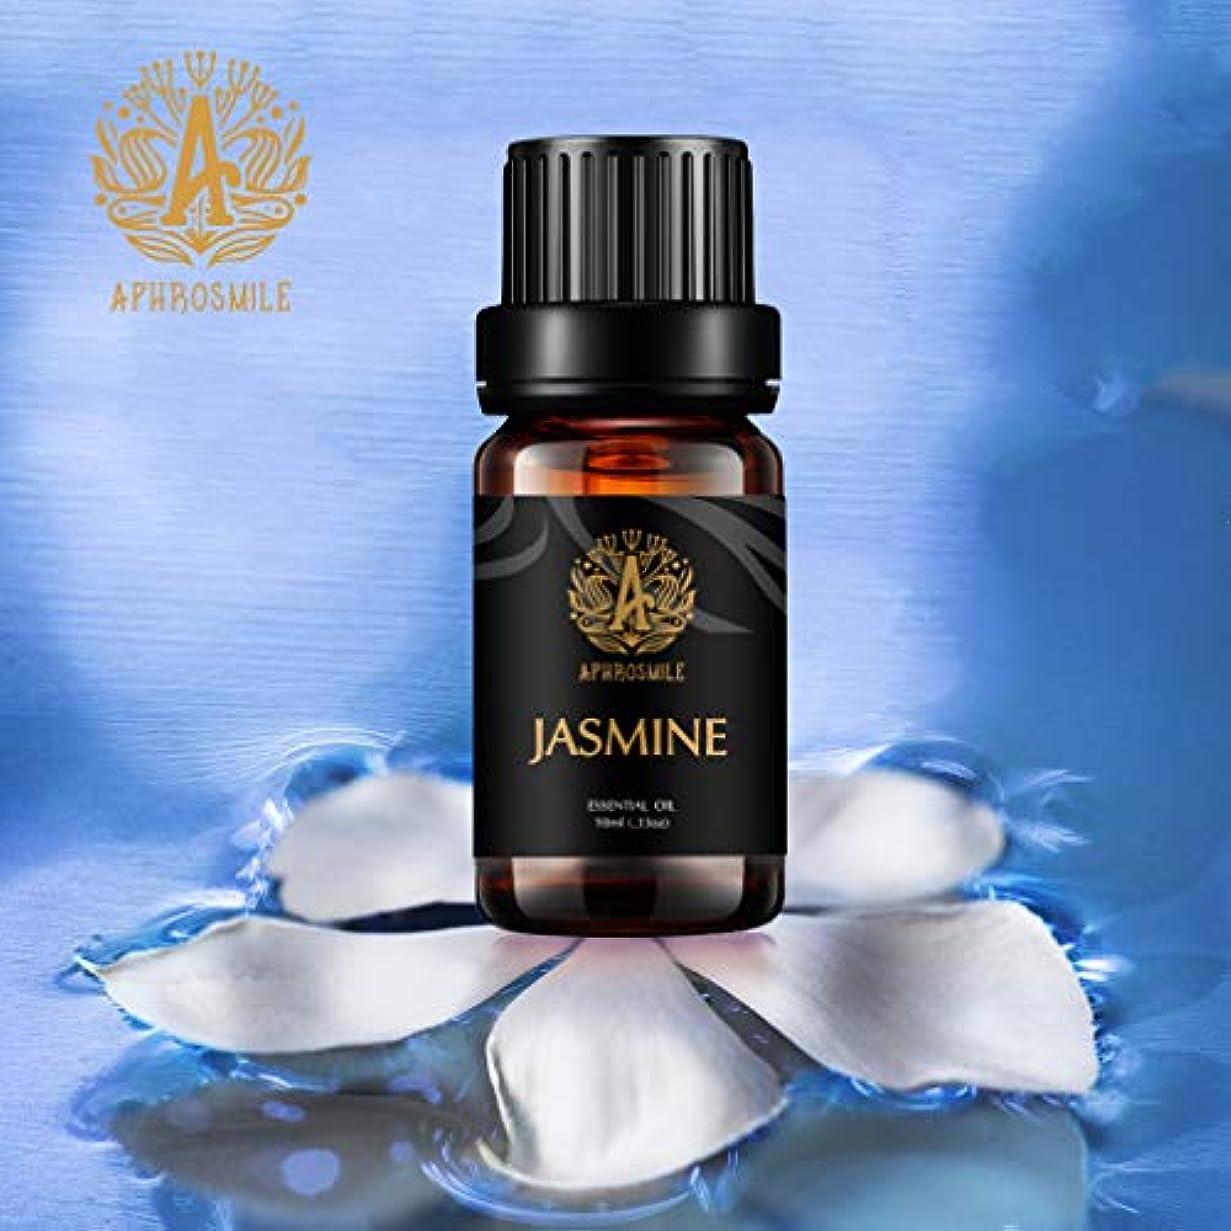 最初は白雪姫ビームジャスミンエッセンシャルオイル、100%純粋なアロマセラピーエッセンシャルオイルジャスミンの香りと甘い花の香り、治療上の等級の精油のジャスミンの芳香為に拡散器、マッサージ、加湿器、毎日の心配、0.33オンス-10ml